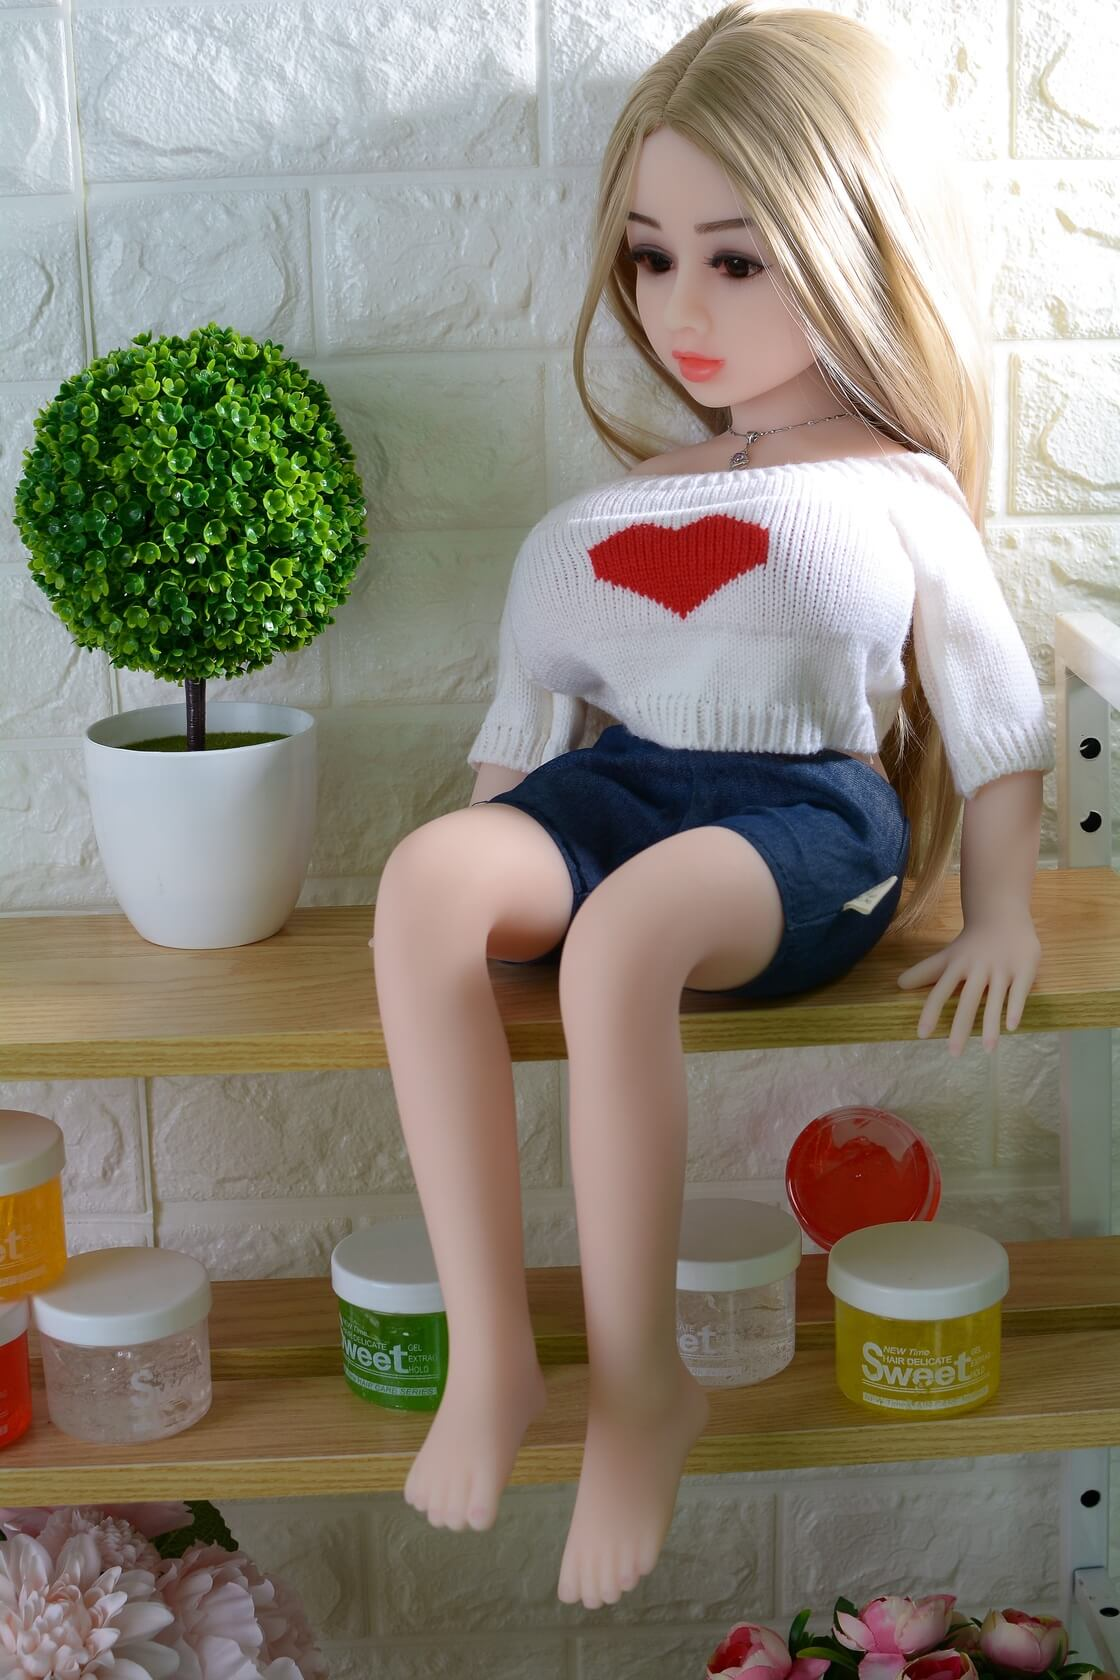 65cm Smallest Sex Doll - Rebecca